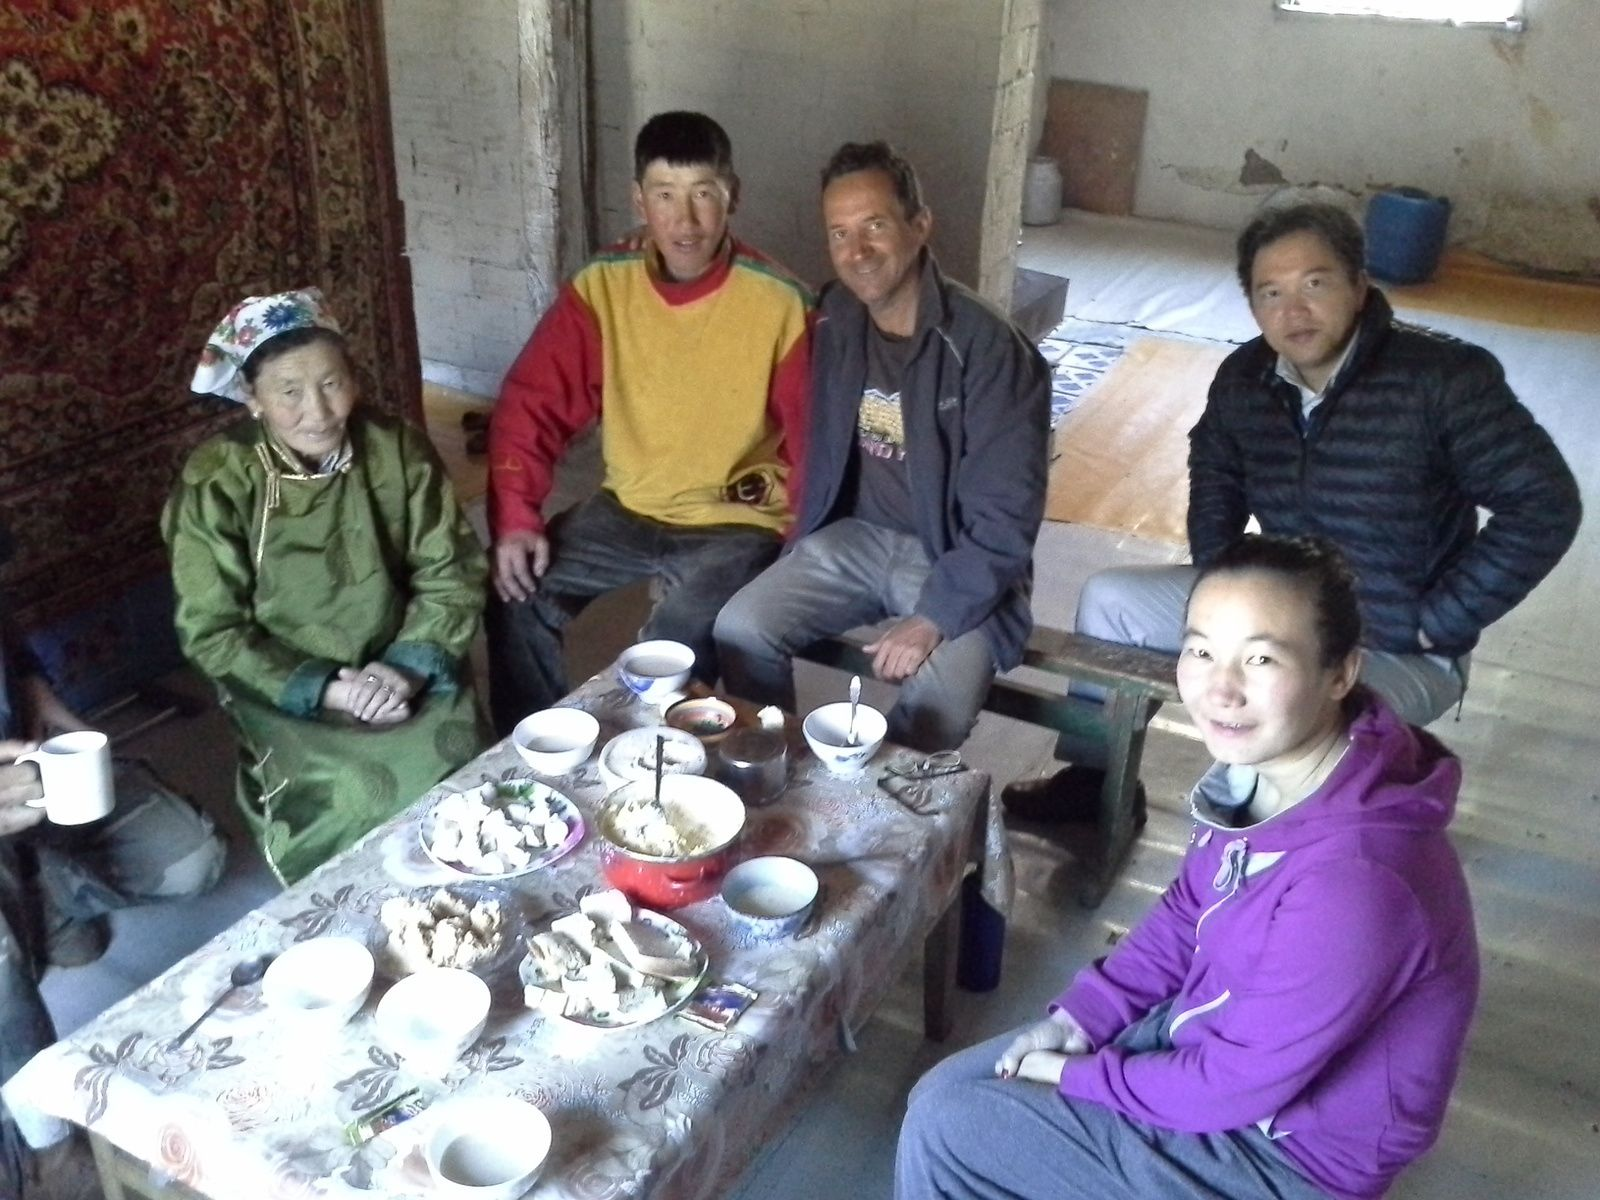 Le parc national d'altai bogdan, en mongolie